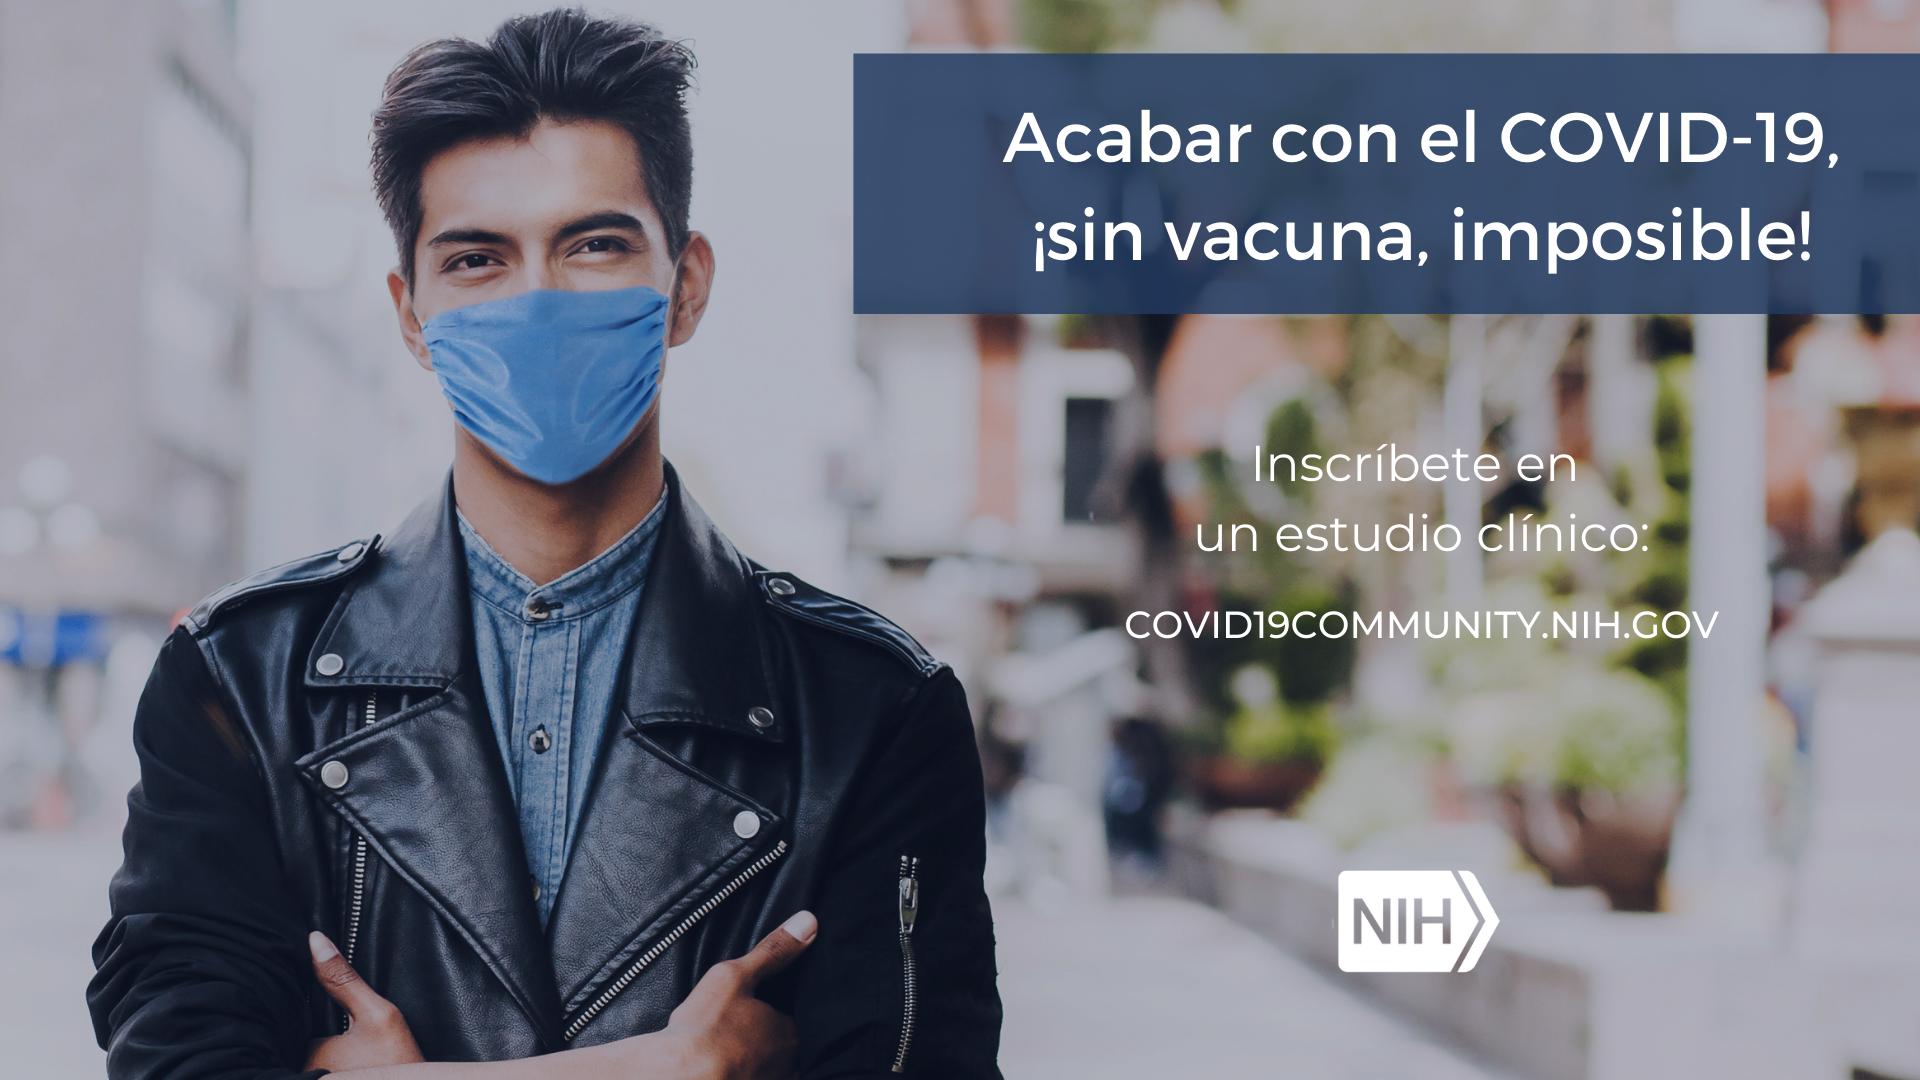 """Imagen de un hombre con tapaboca. La imagen dice: Acabar con el COVID-19, ¡sin vacuna, imposible! Inscríbete en un estudio clínico: covid19community.nih.gov"""""""